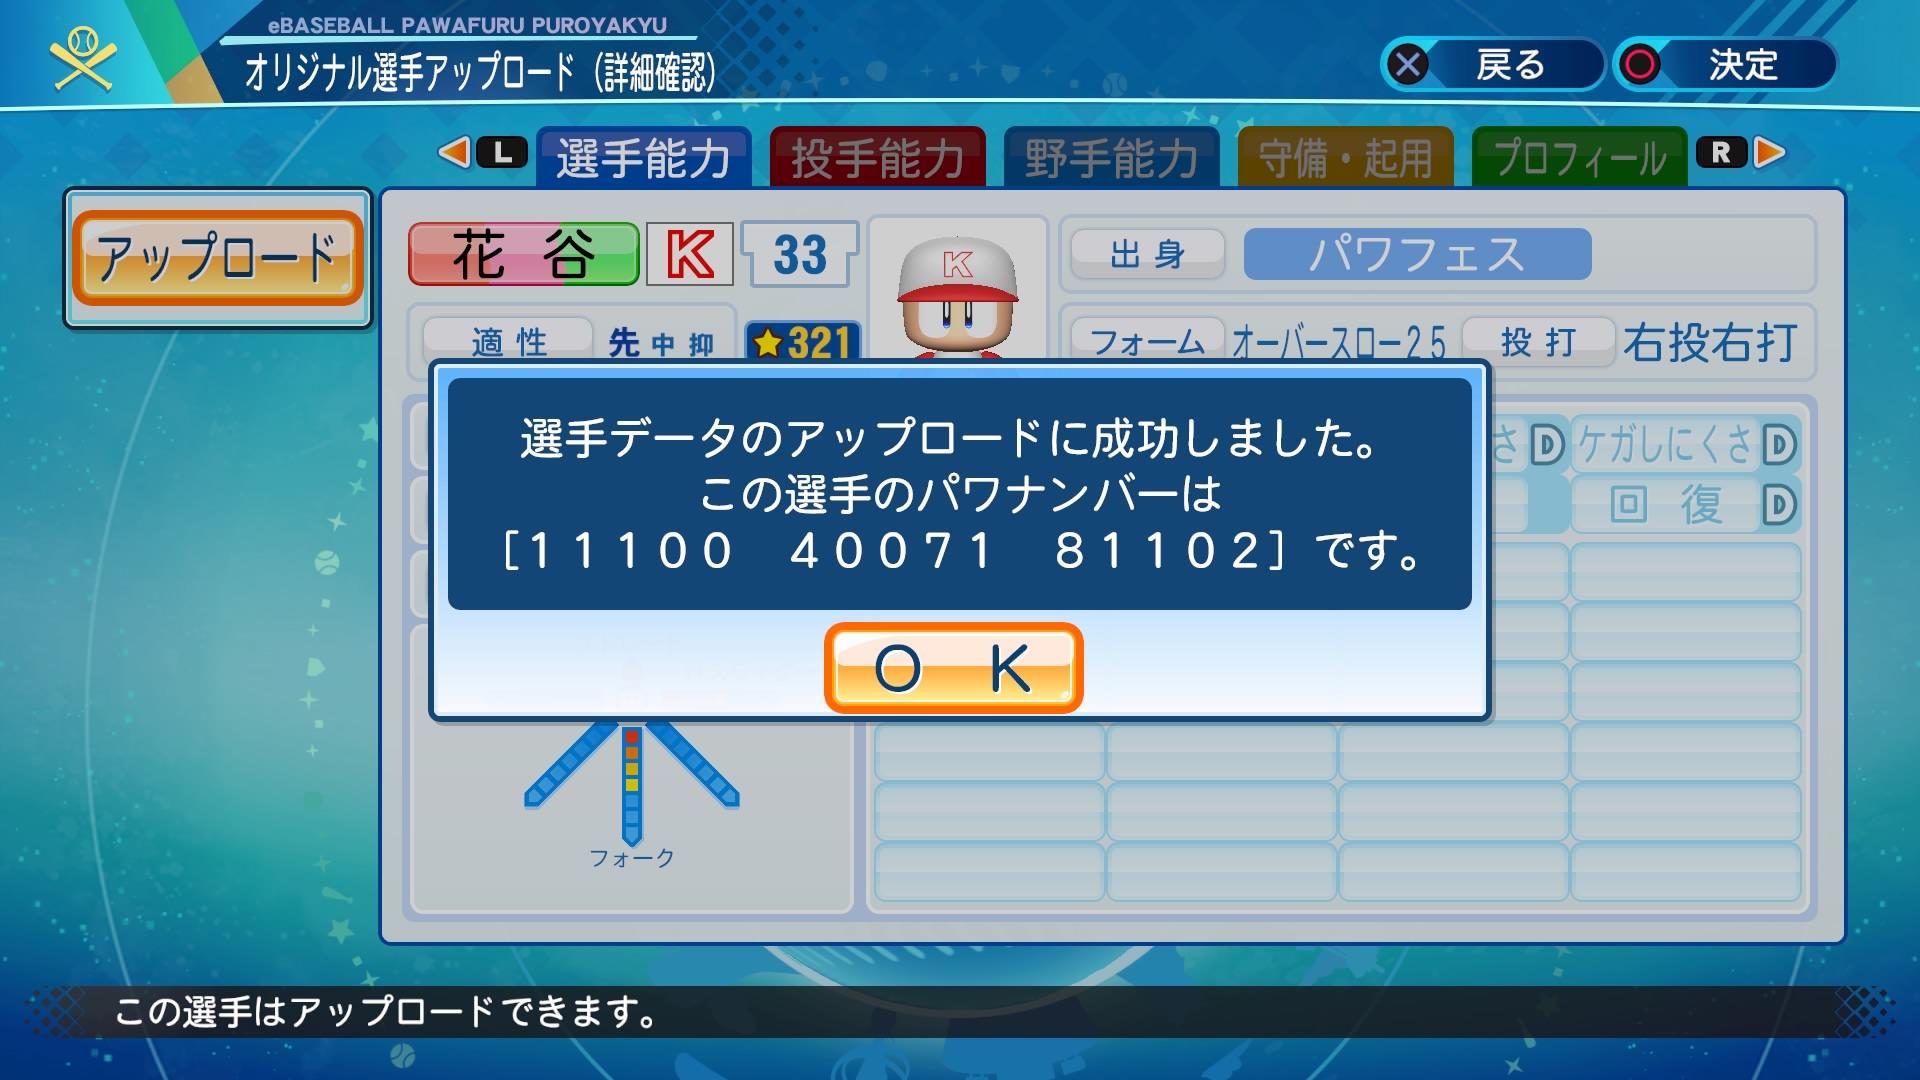 EcoIJlGUMAI_mmu.jpg